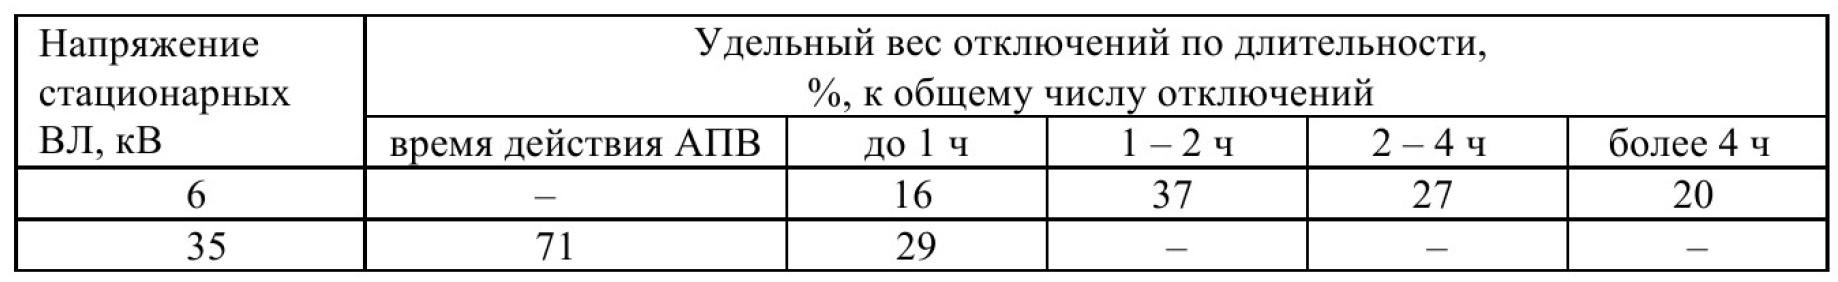 Эксплуатационная надежность стационарных электрических сетей угольных разрезов Кузбасса 9